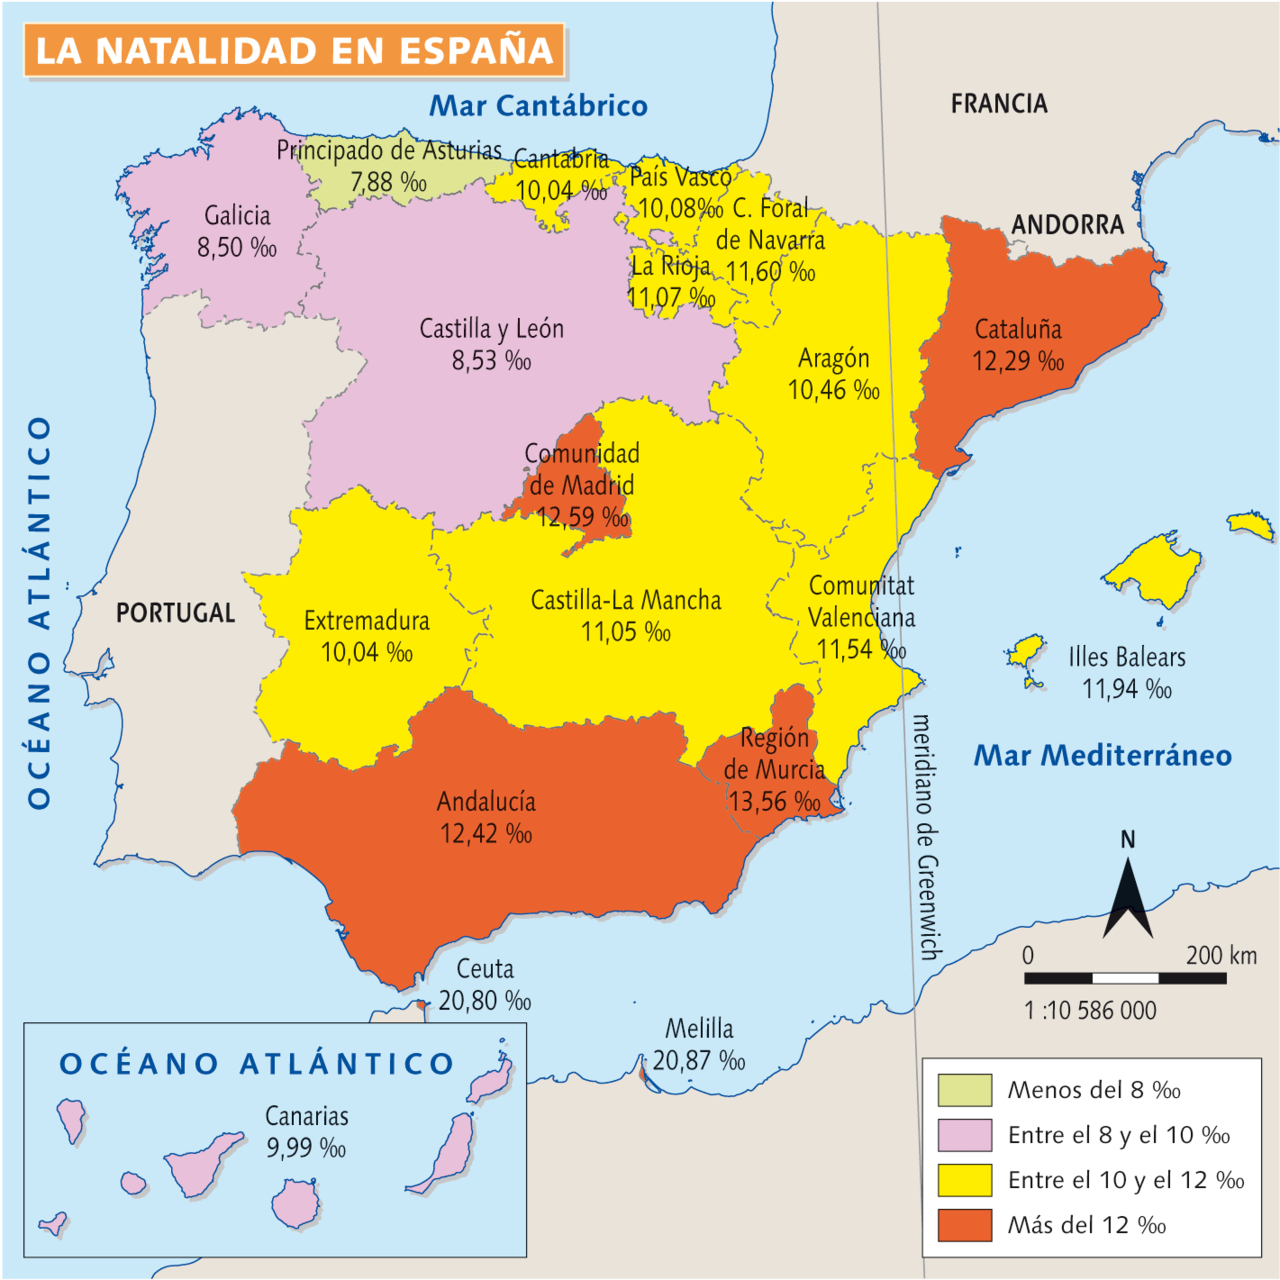 Mapa de la natalidad en España.